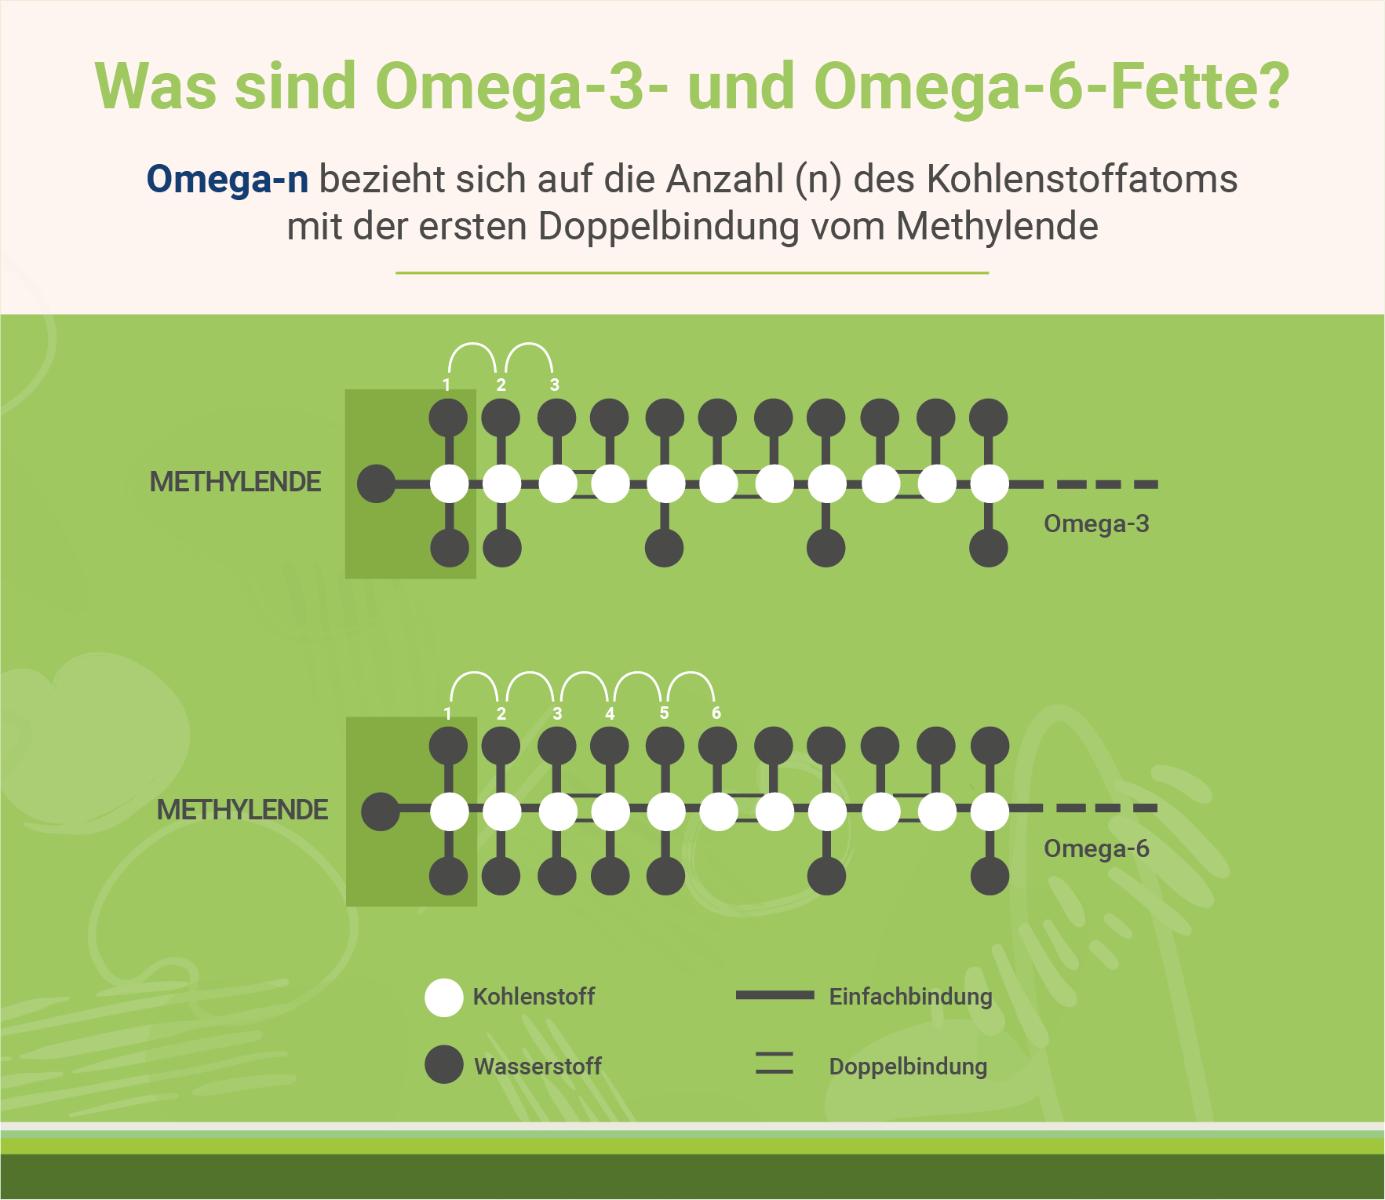 infografik-was-sind-omega-3-und-omega-6-fette